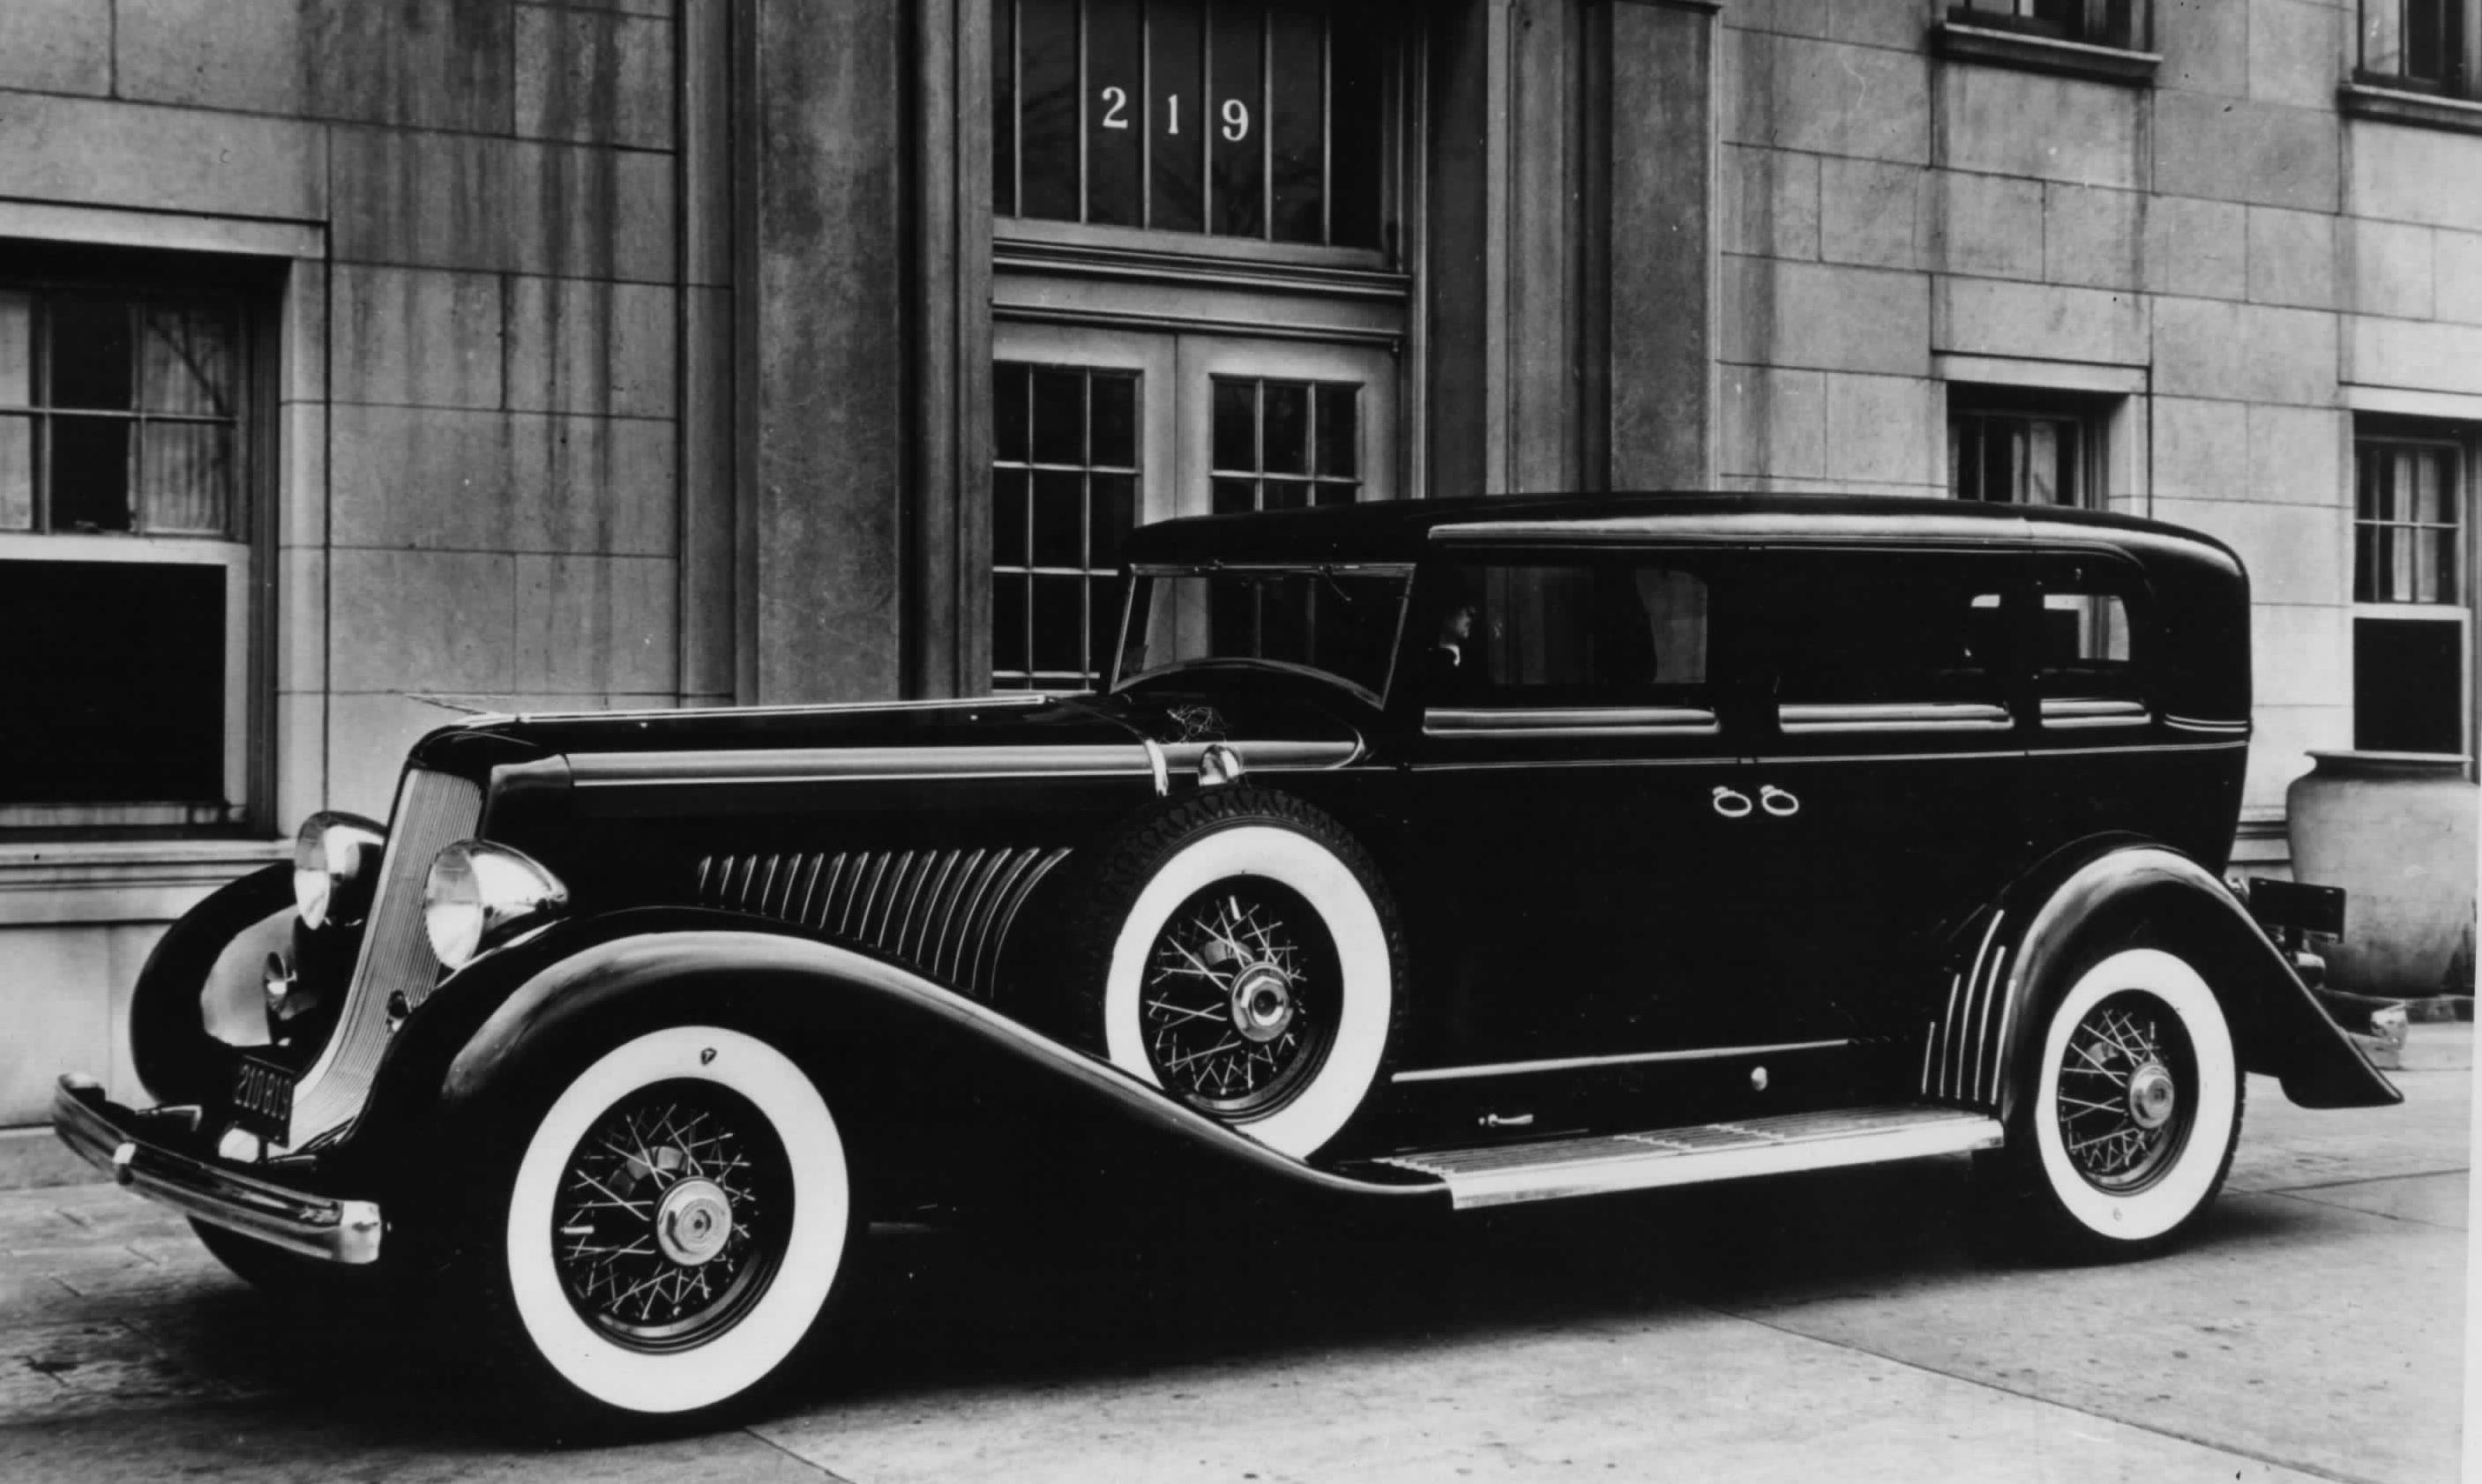 Antique Cars Classic Car Models Wallpaper Full HD Wallpapers 2814x1683